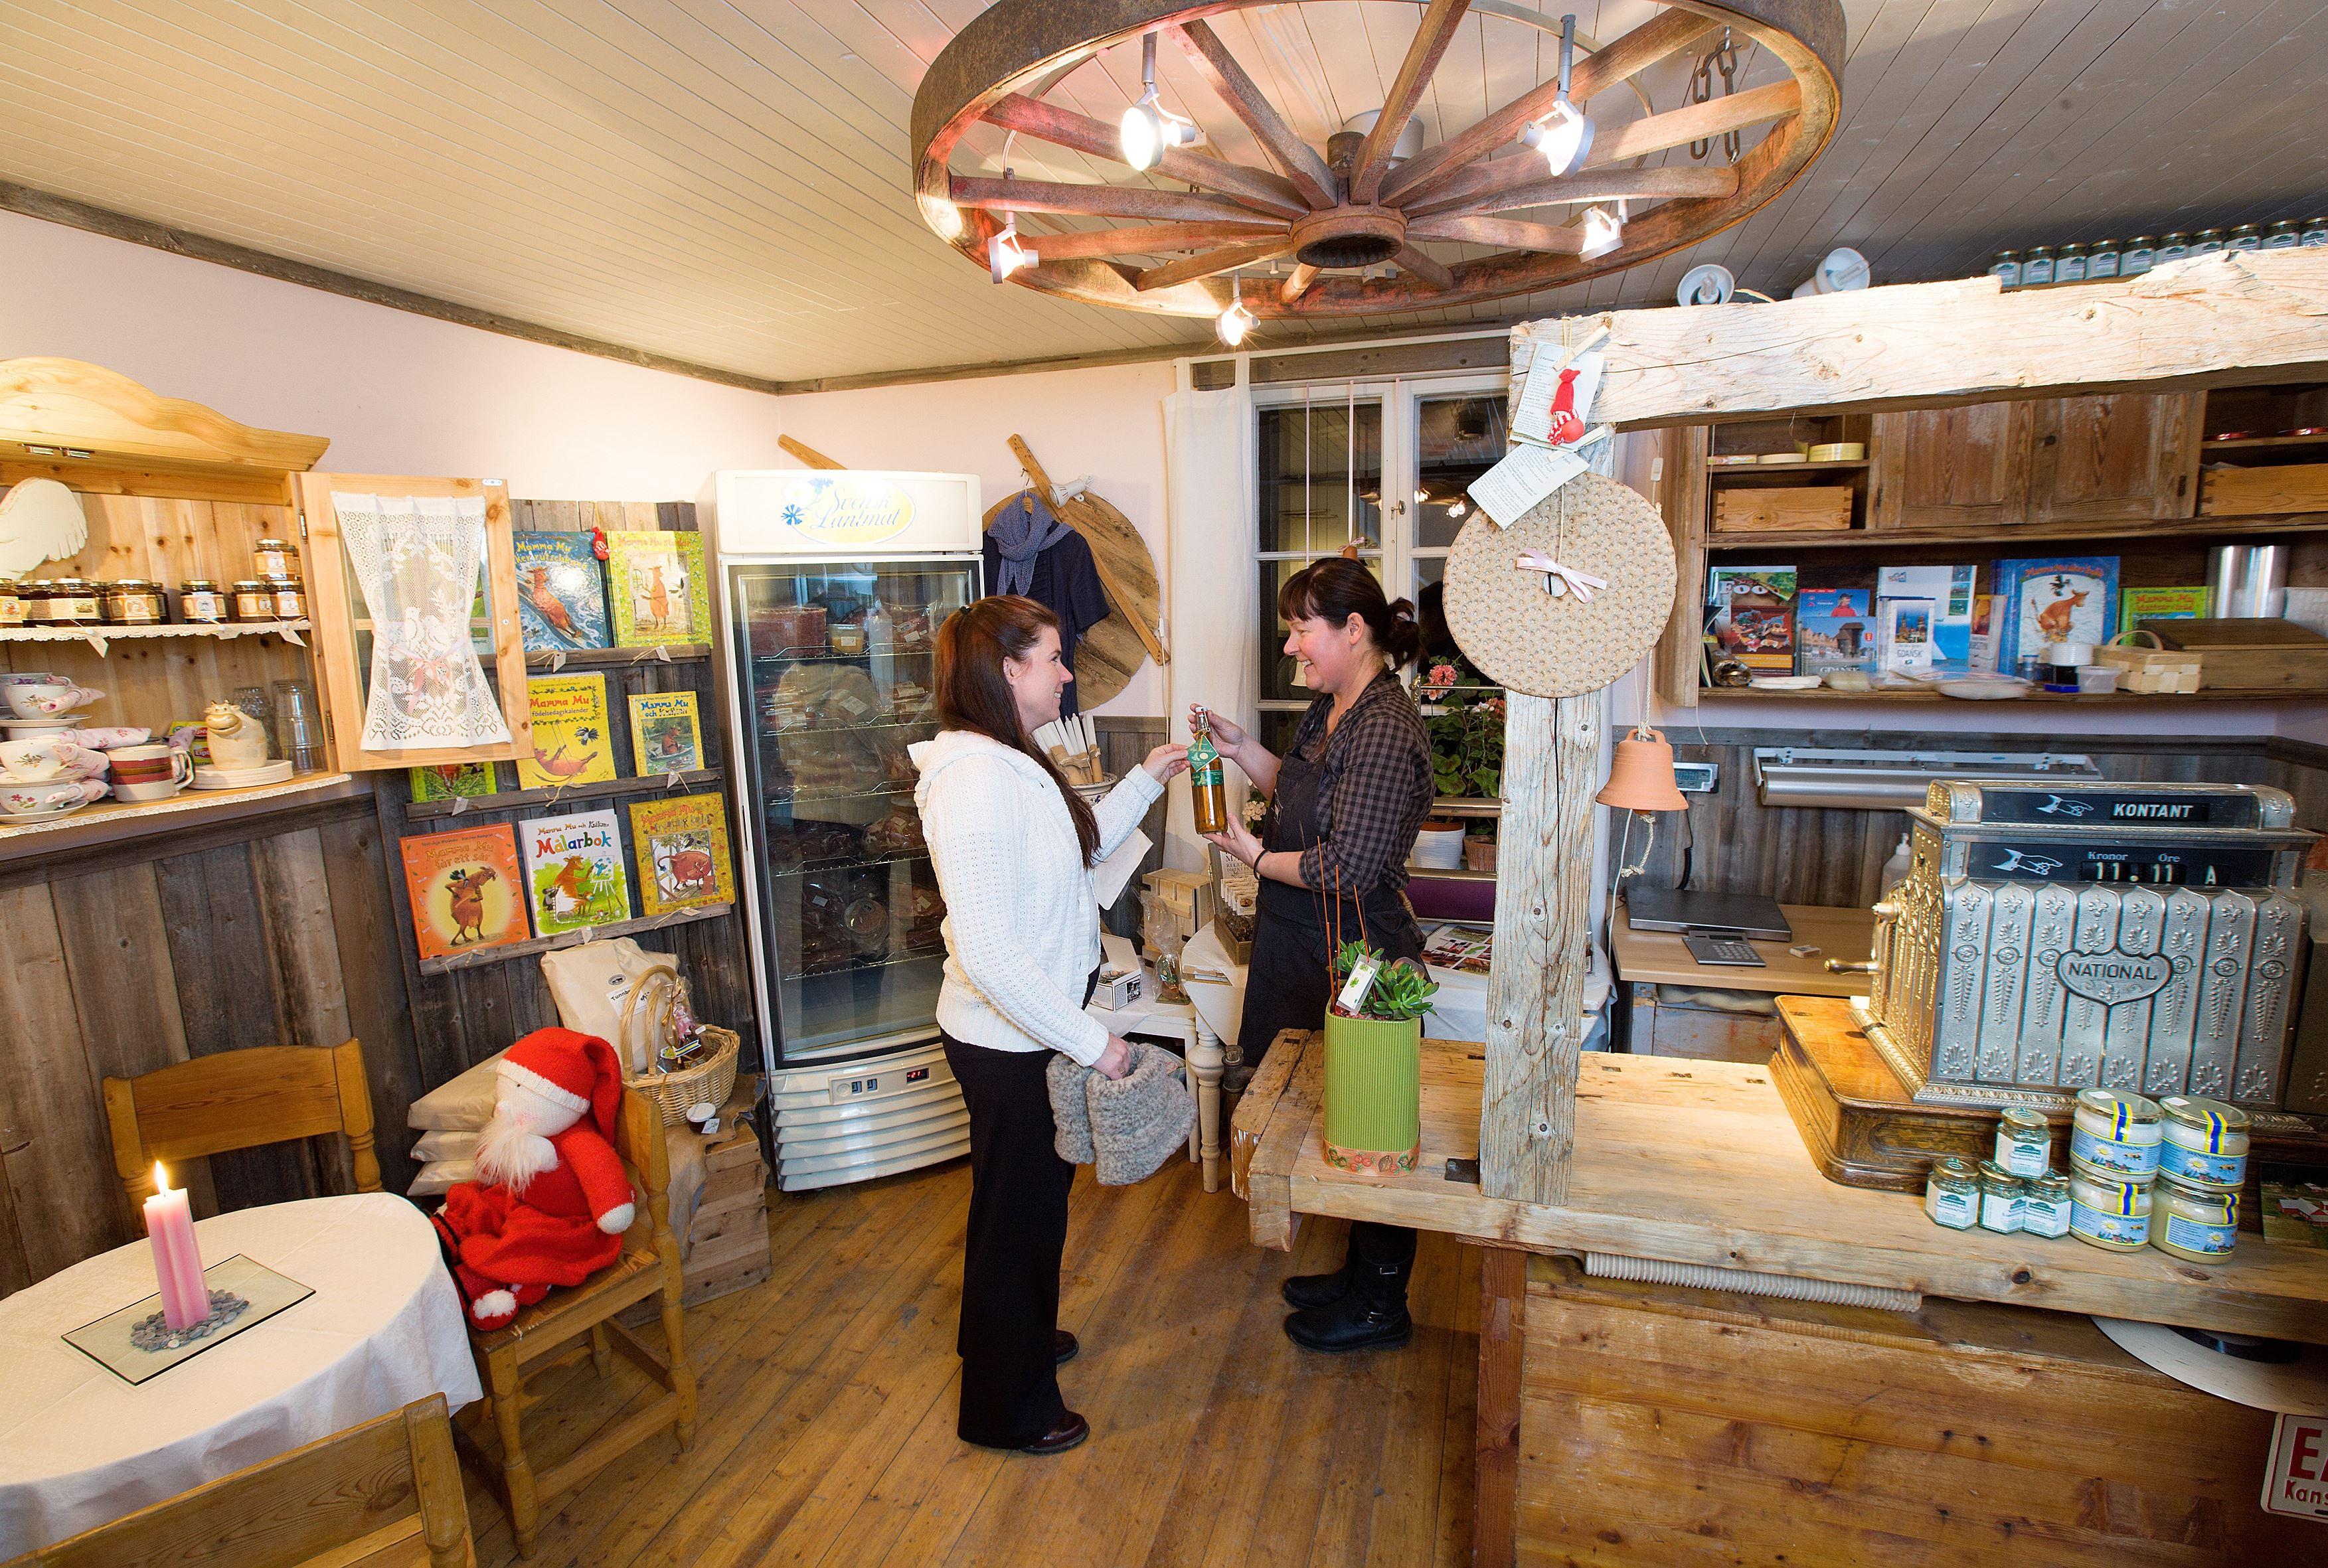 Åbrånets Limousin - Gårdsbutik & Cafe